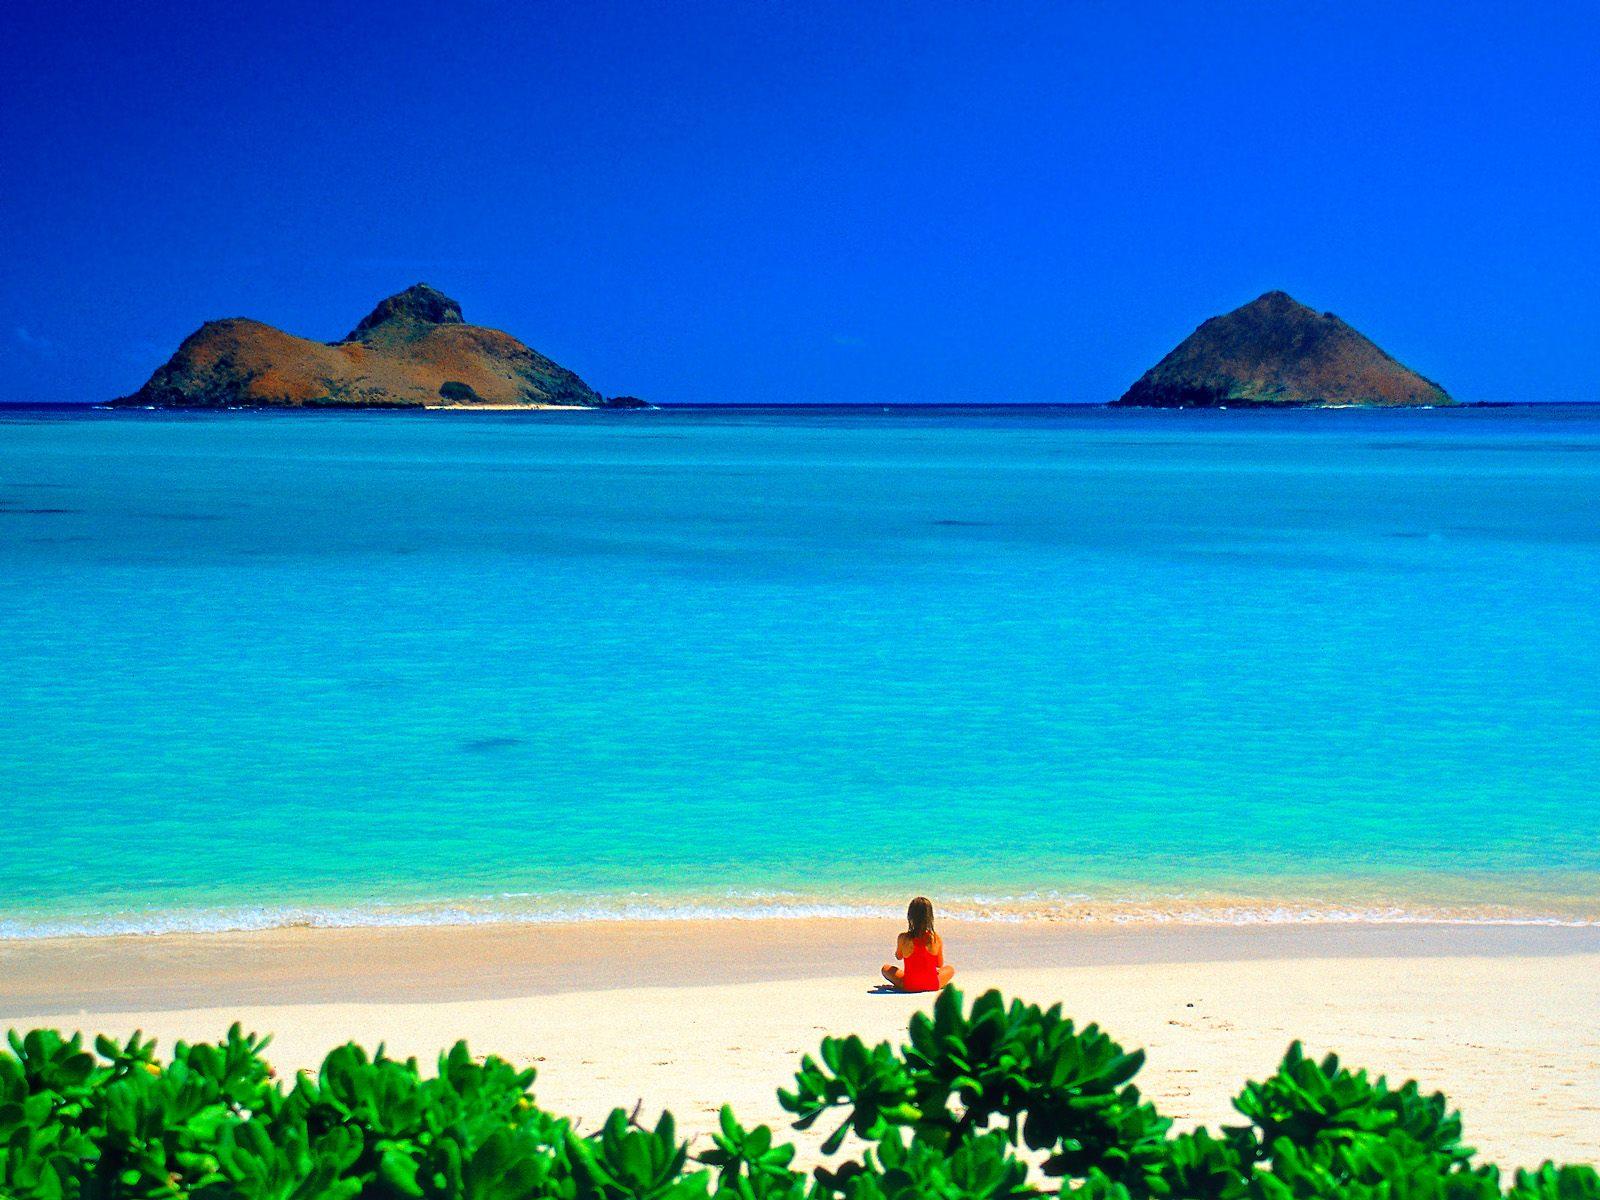 http://2.bp.blogspot.com/-vyr6N-QkYb4/ToqpBq6AbmI/AAAAAAAABKU/6YNyV7jPkNI/s1600/Lanikai-Beach-Hawaii.jpg